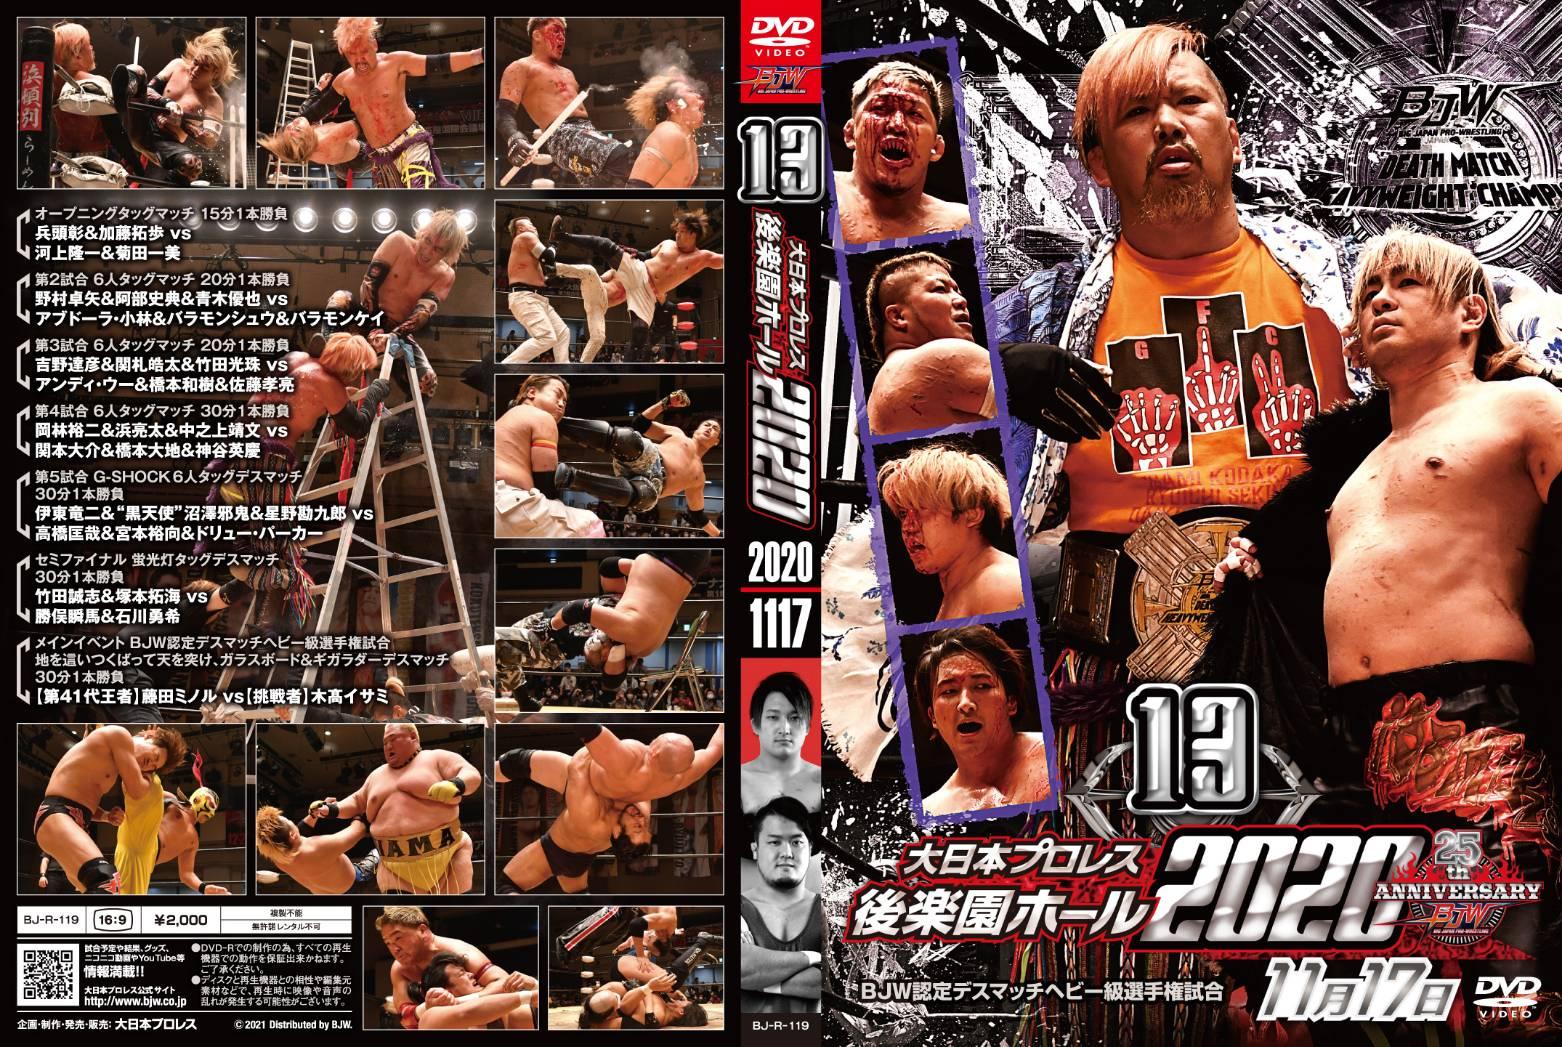 大日本プロレス後楽園ホール大会DVD-Rシリーズ「2020年第13弾:11月17日」